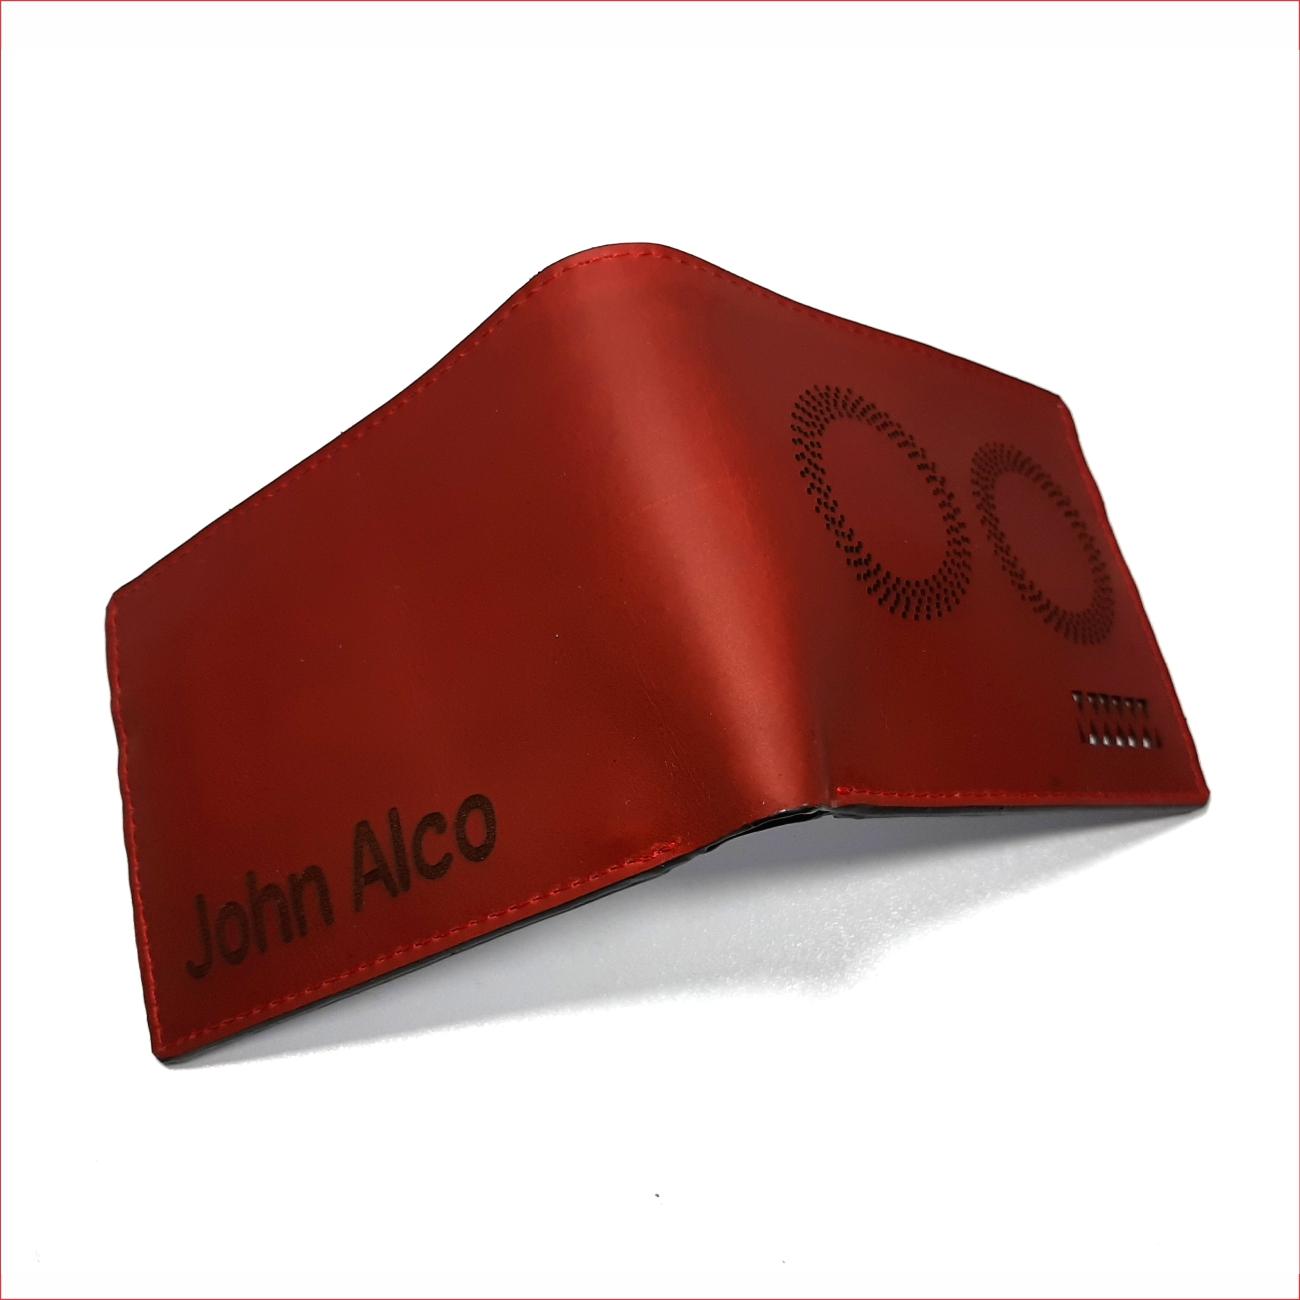 Billetera rojo perforado con interior blanco, material 100% cuero, $40.000 2